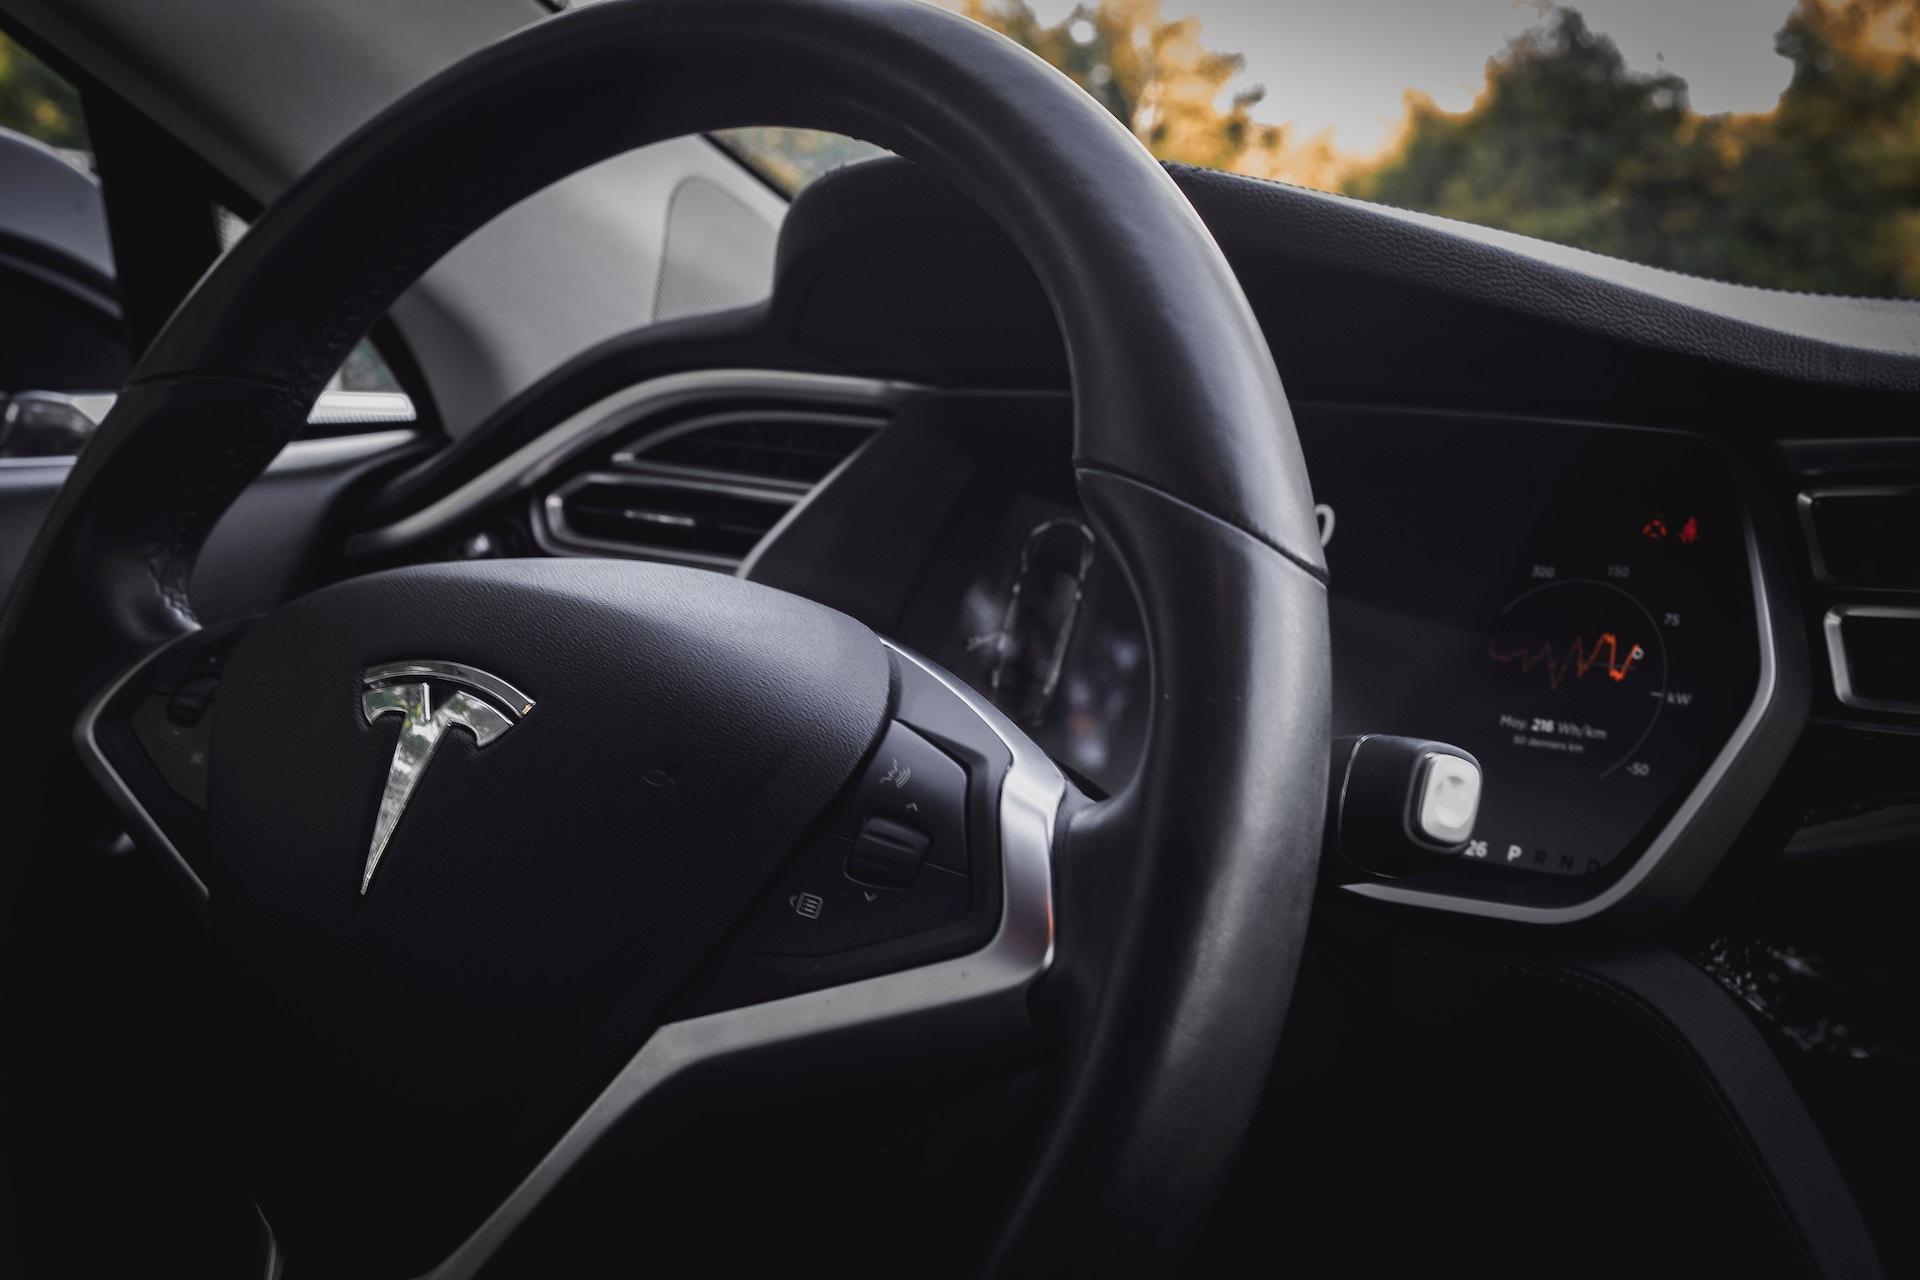 +35 à +45% de fluidité sur routes avec des véhicules autonomes coopératifs